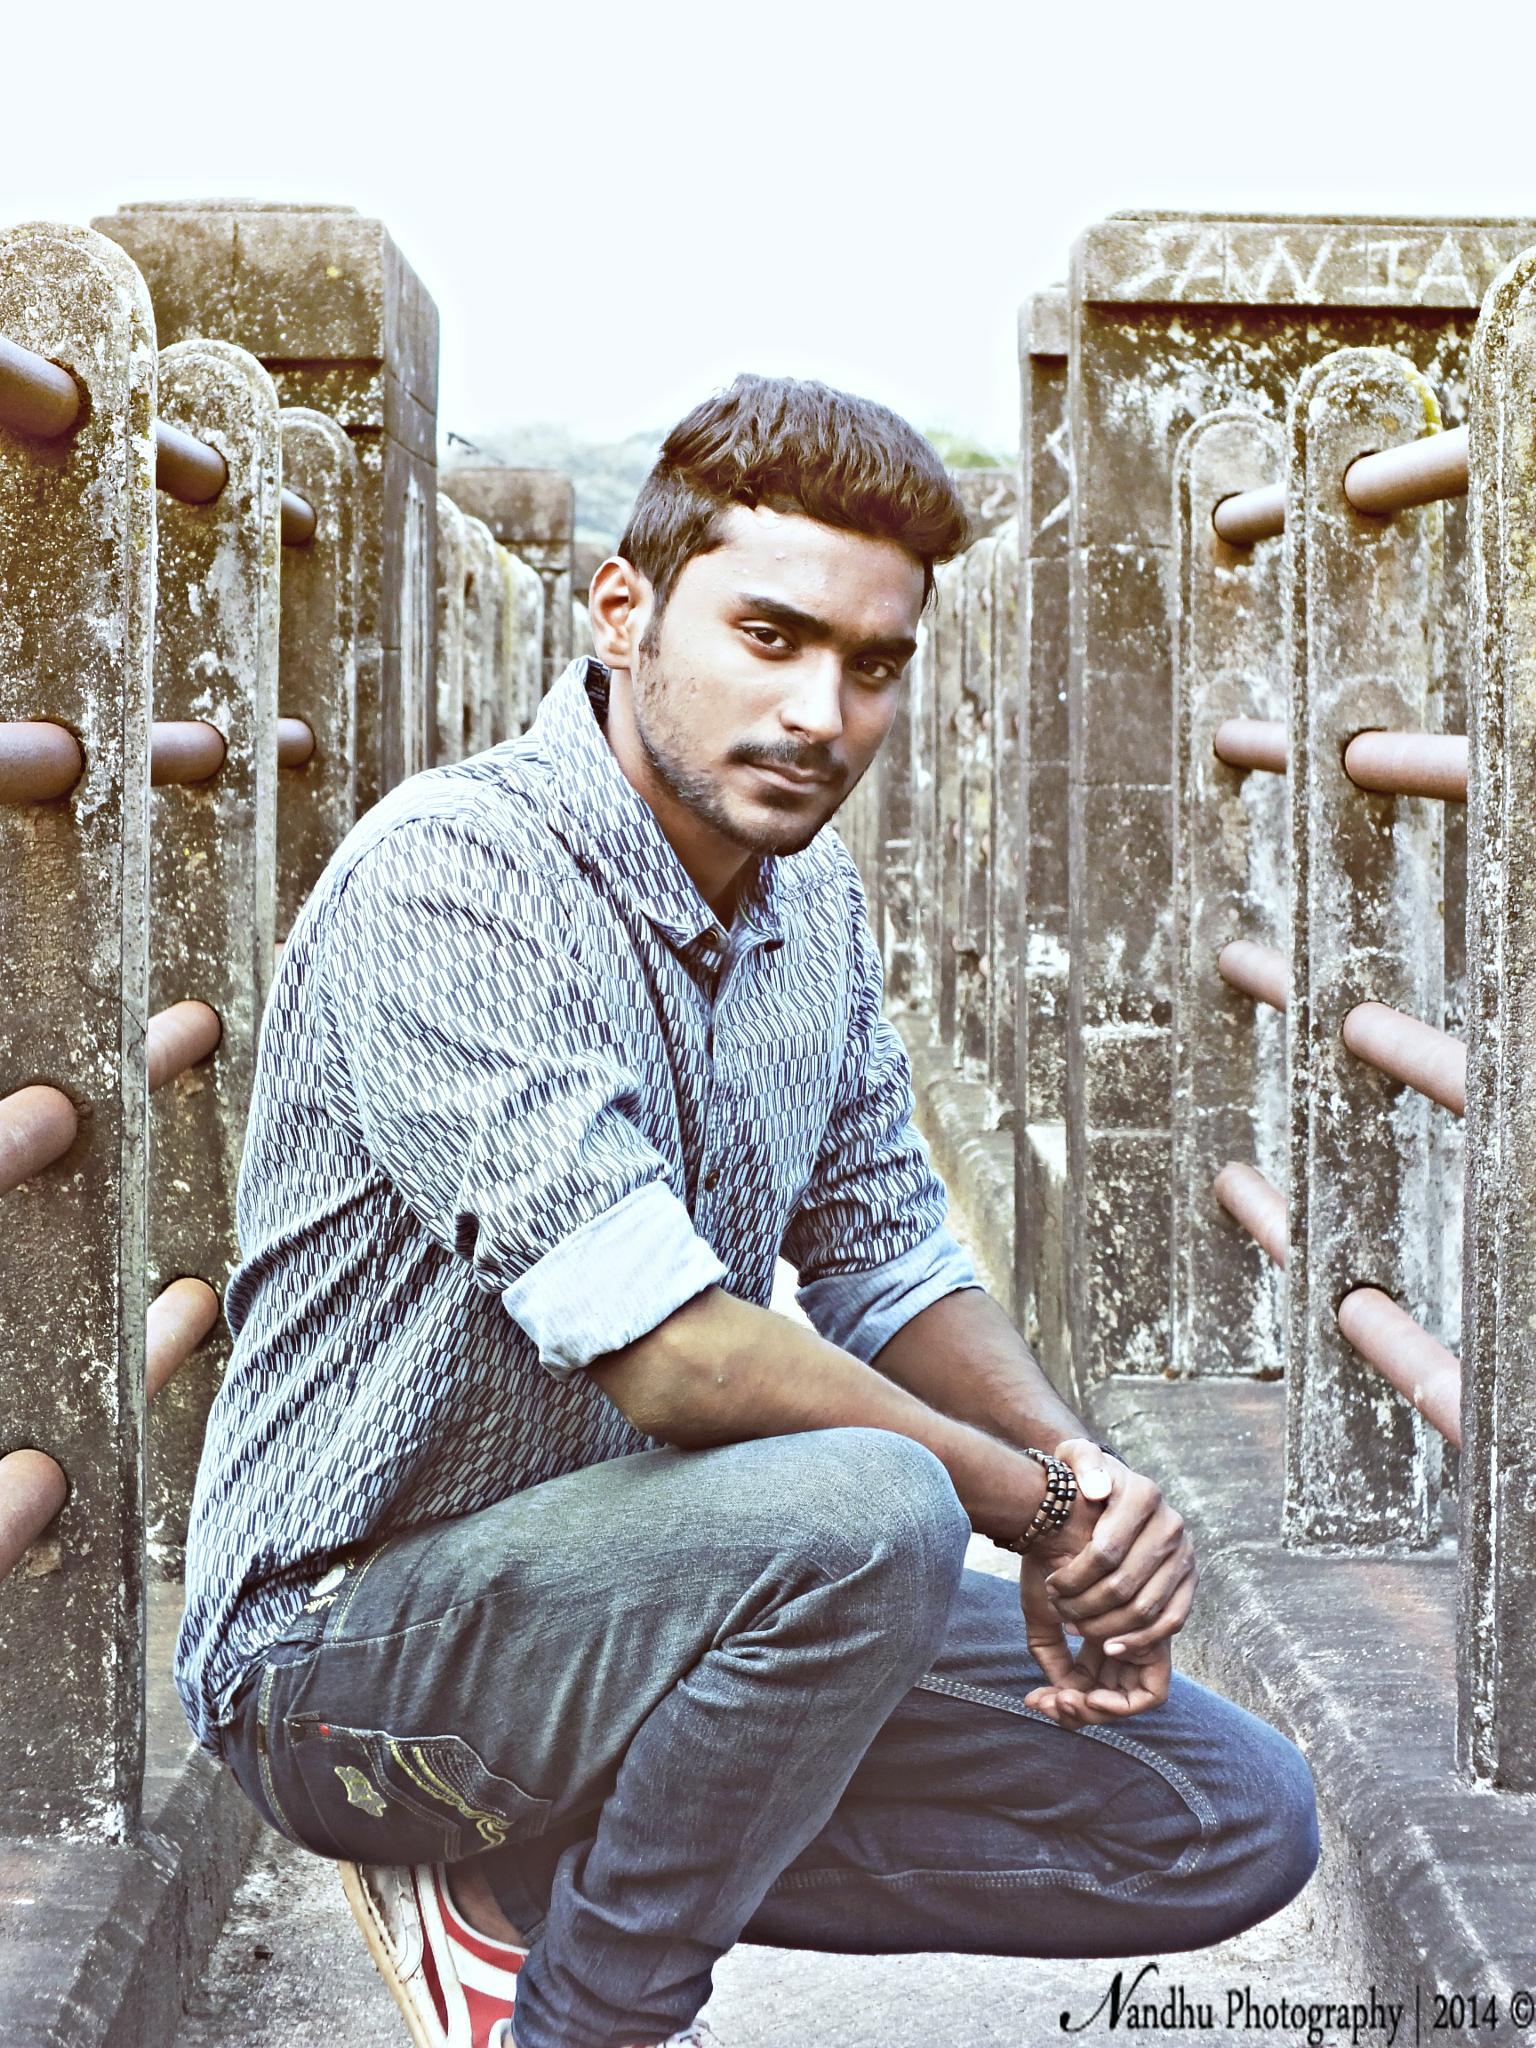 attitude by Nandhu kuttarapallil